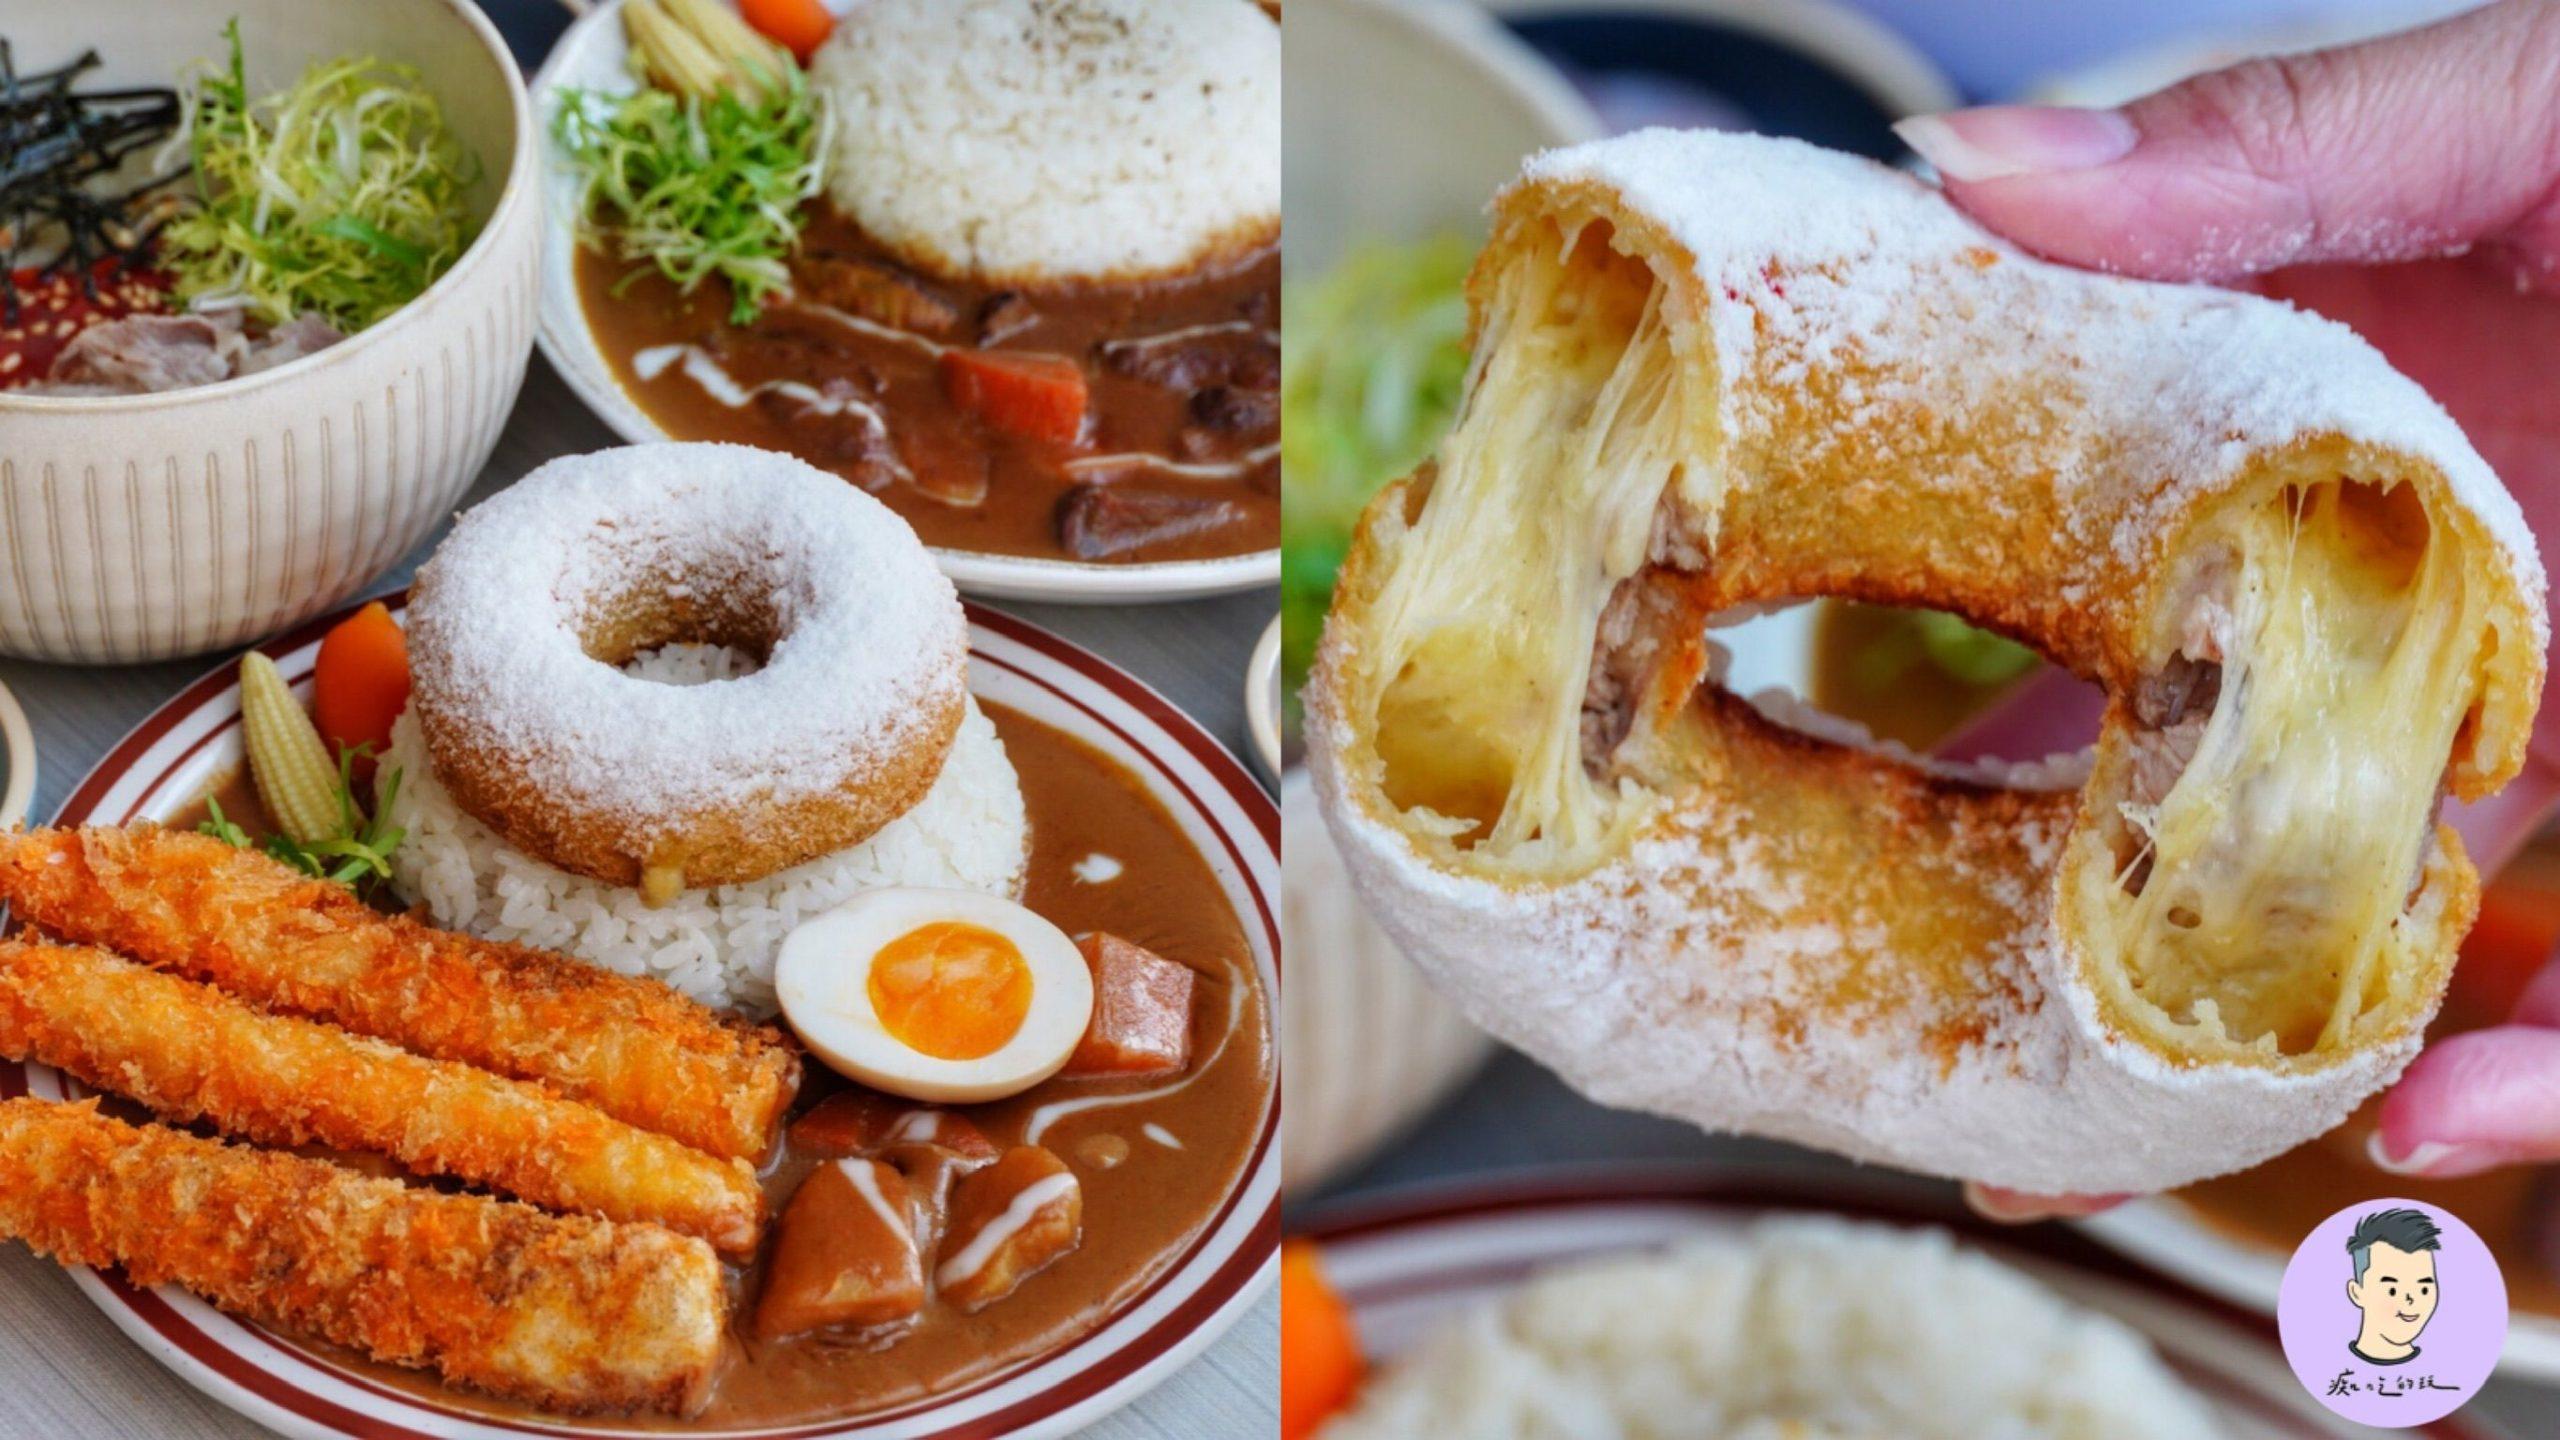 【台南美食】大丸家 Curry Rice 台南超美韓系甜甜圈店!原來甜甜圈有這麼多吃法 雪藏起司牽絲好邪惡